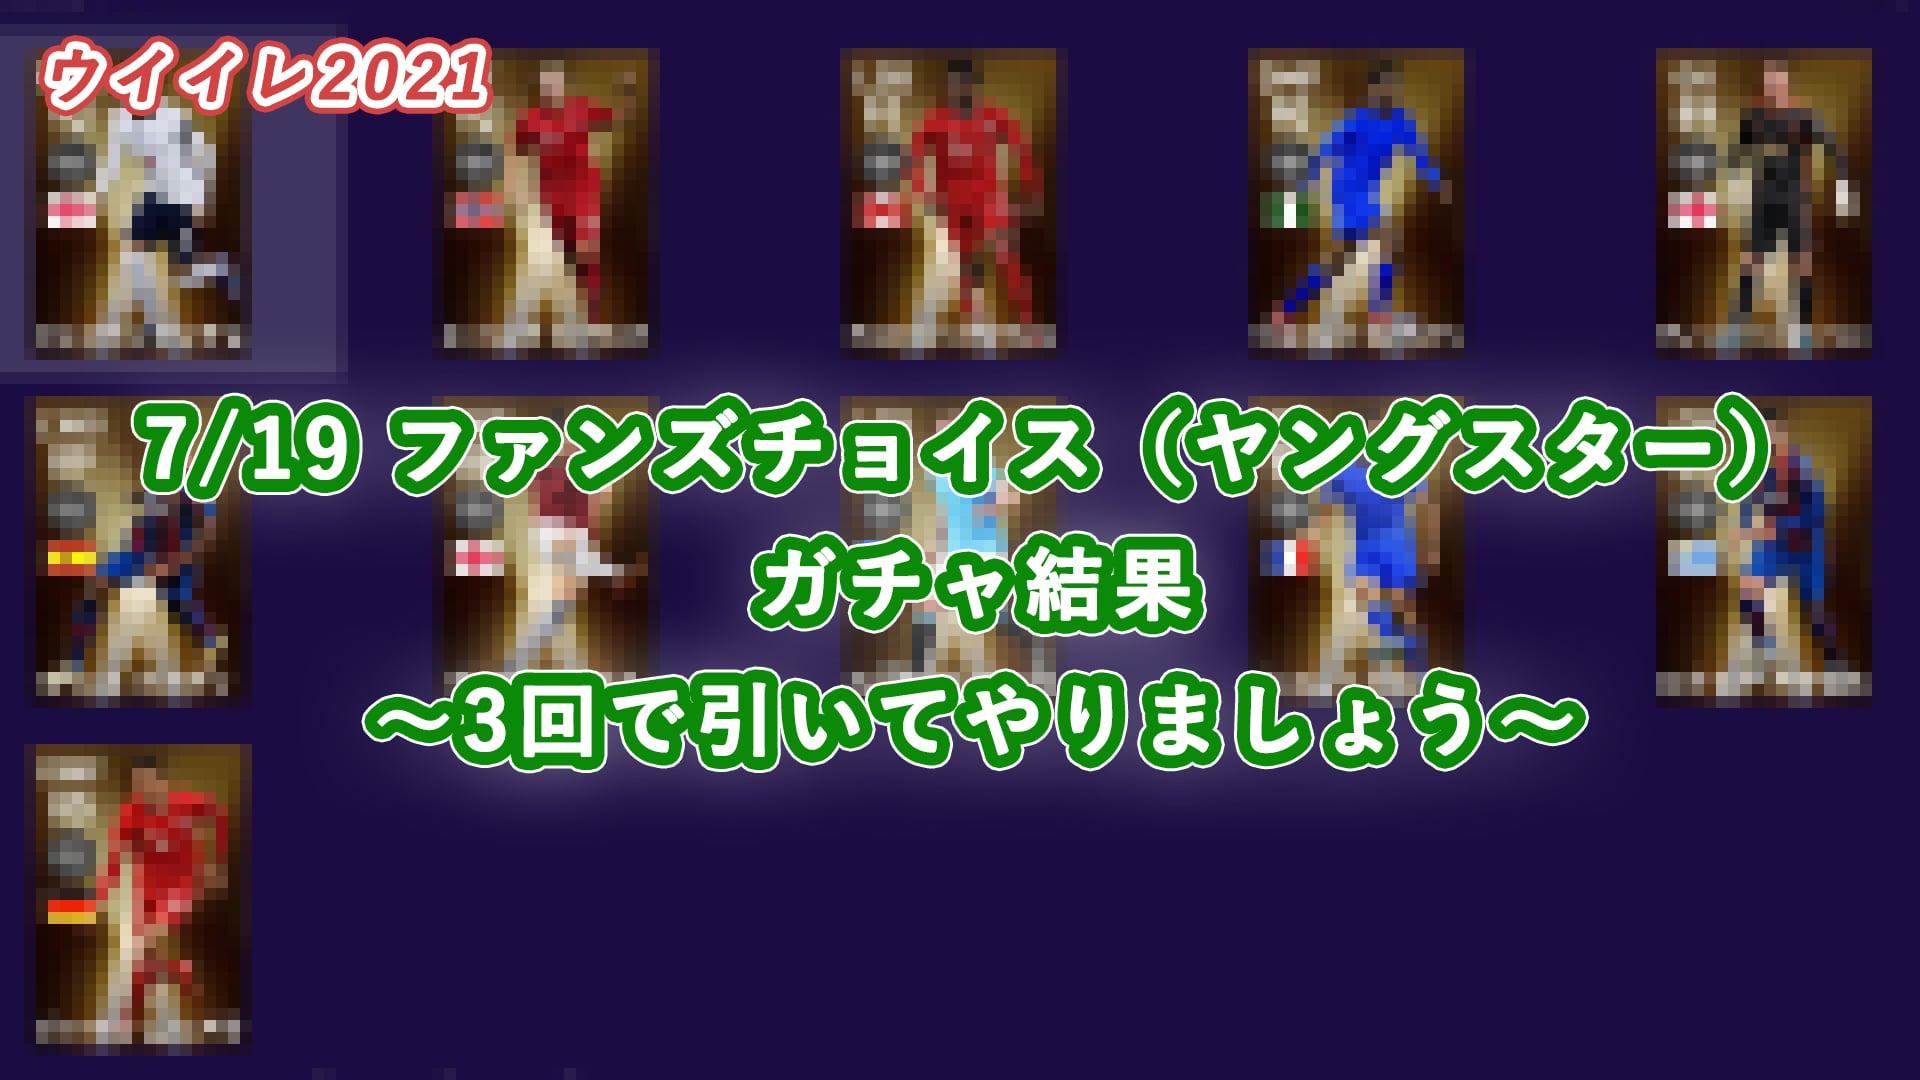 【ウイイレ2021】7/19 ファンズチョイス(ヤングスター)ガチャ結果 ~3回で引いてやりましょう~